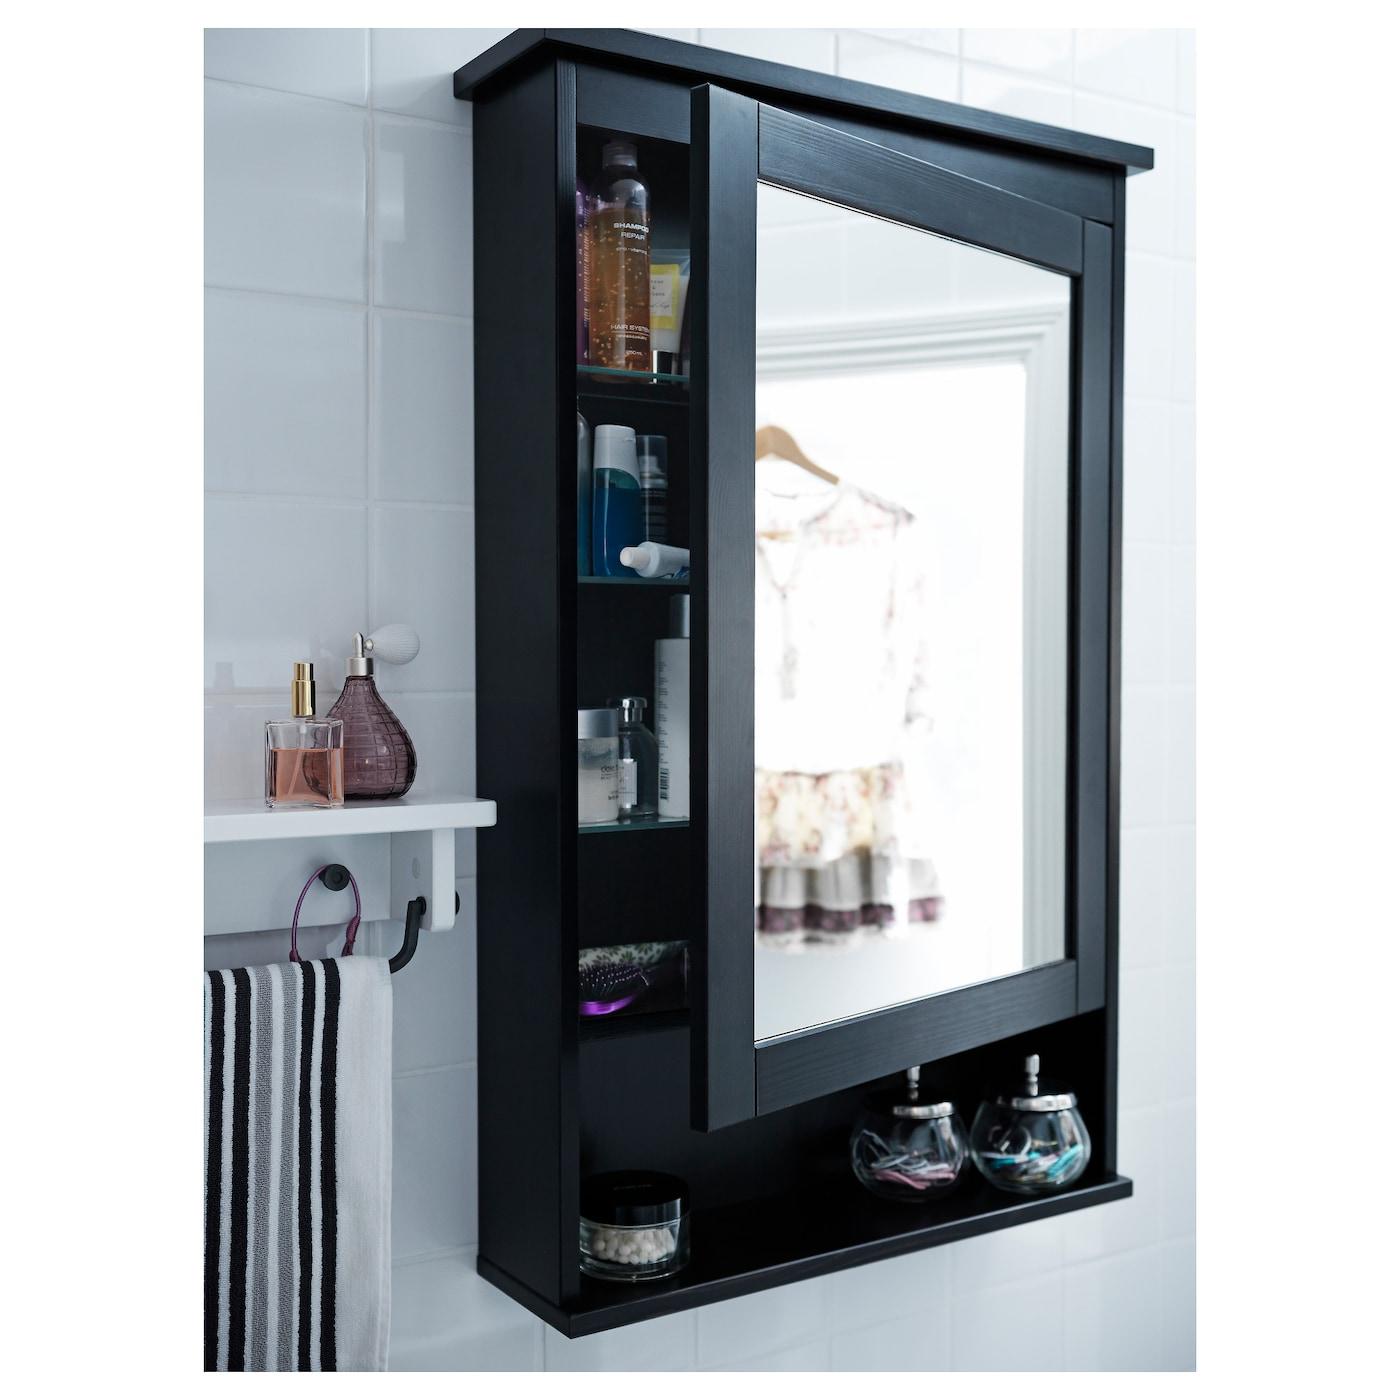 Hemnes Mirror Cabinet With 1 Door Black Brown Stain 24 3 4x6 1 4x38 5 8 Ikea